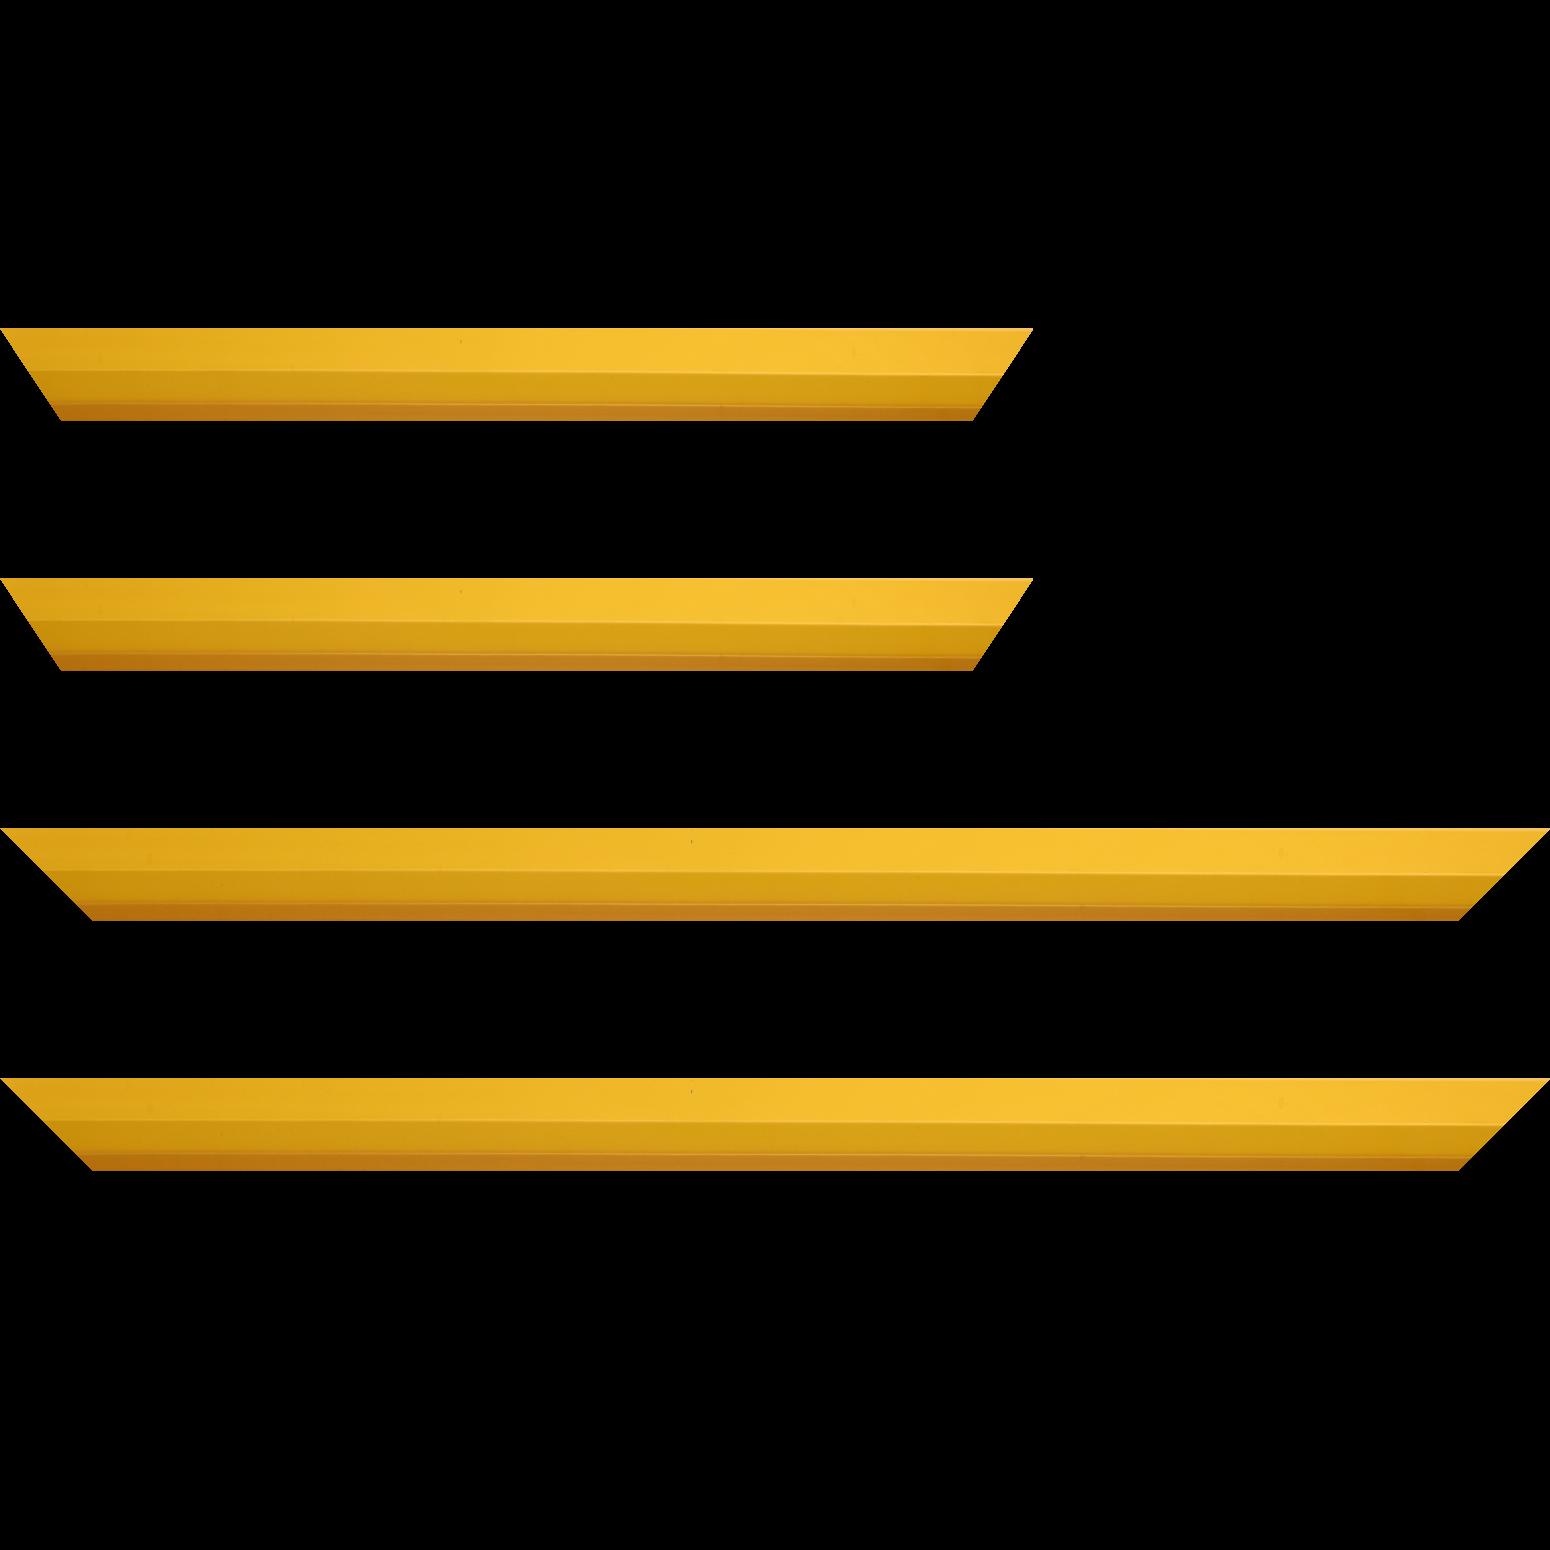 Baguette service précoupé Bois profil plat 3 faces largeur 2.8cm de couleur jaune mat , nez intérieur jaune + foncé mat dégradé (finition pore bouché)